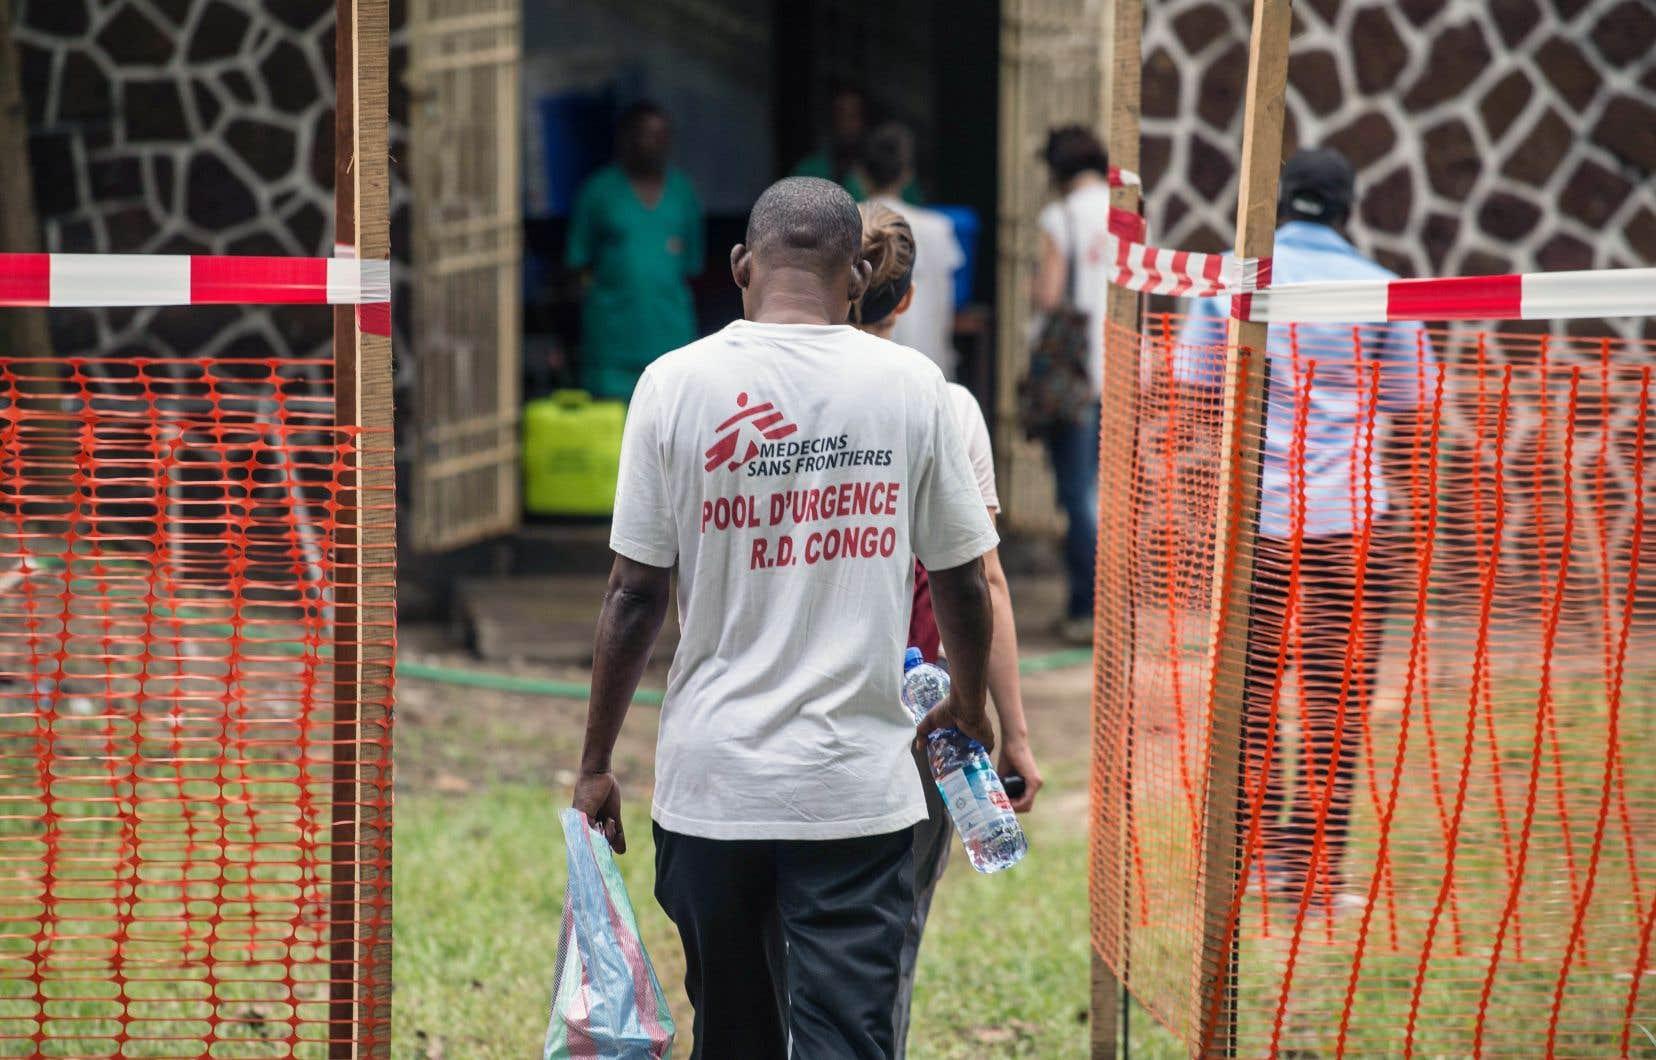 Une équipe de Médecins sans frontières entre à l'intérieur d'une zone sécuritaire à l'entrée de l'hôpital Wangata à Mbandaka, en République démocratique du Congo.